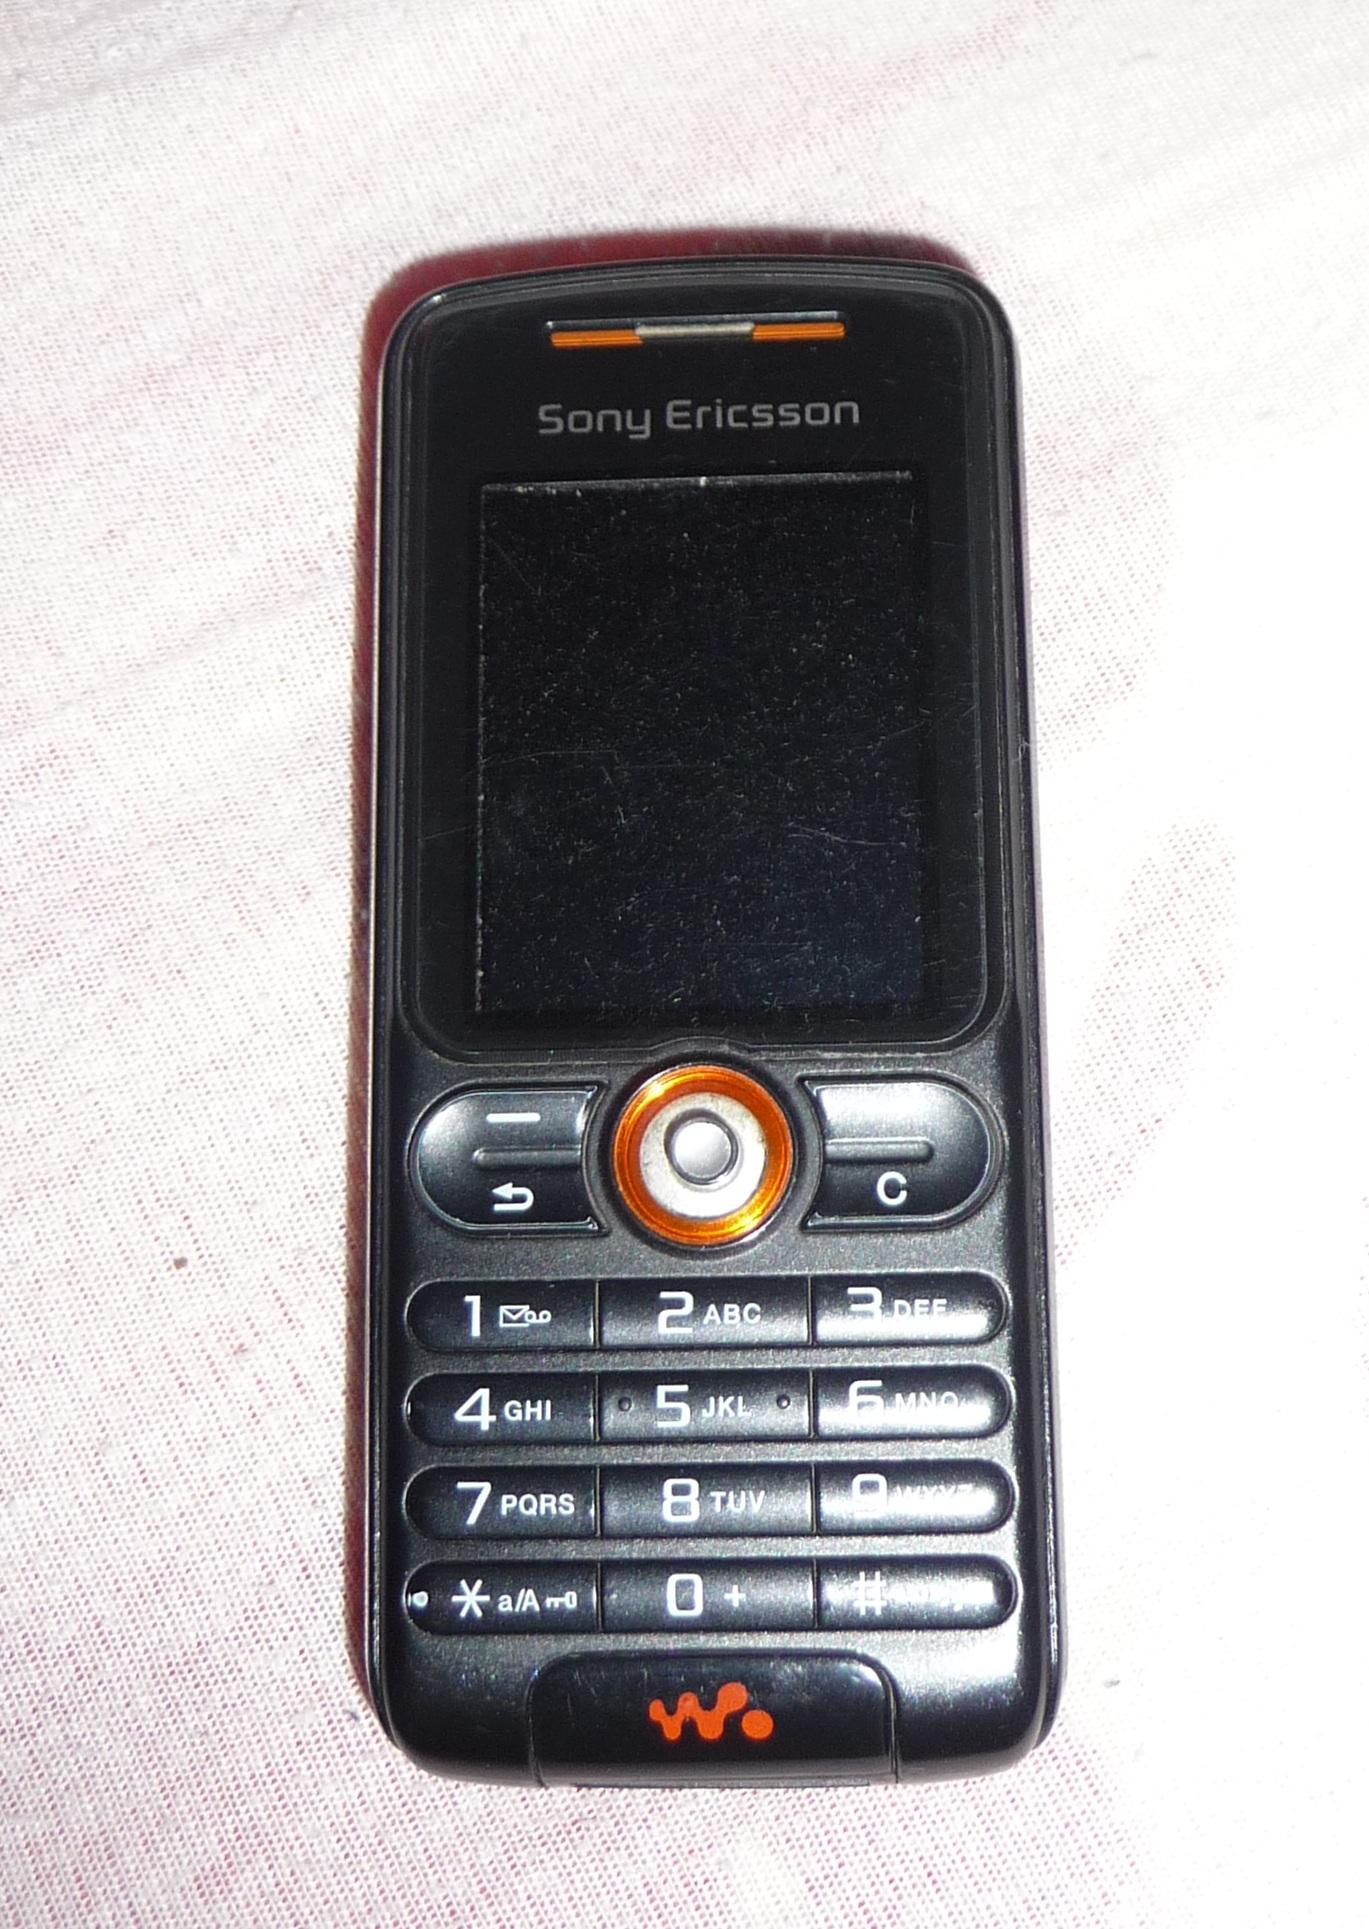 file sony ericsson w200i rythm black 1 jpg wikimedia commons rh commons wikimedia org Sony Ericsson Mobile Phones Sony Ericsson Products